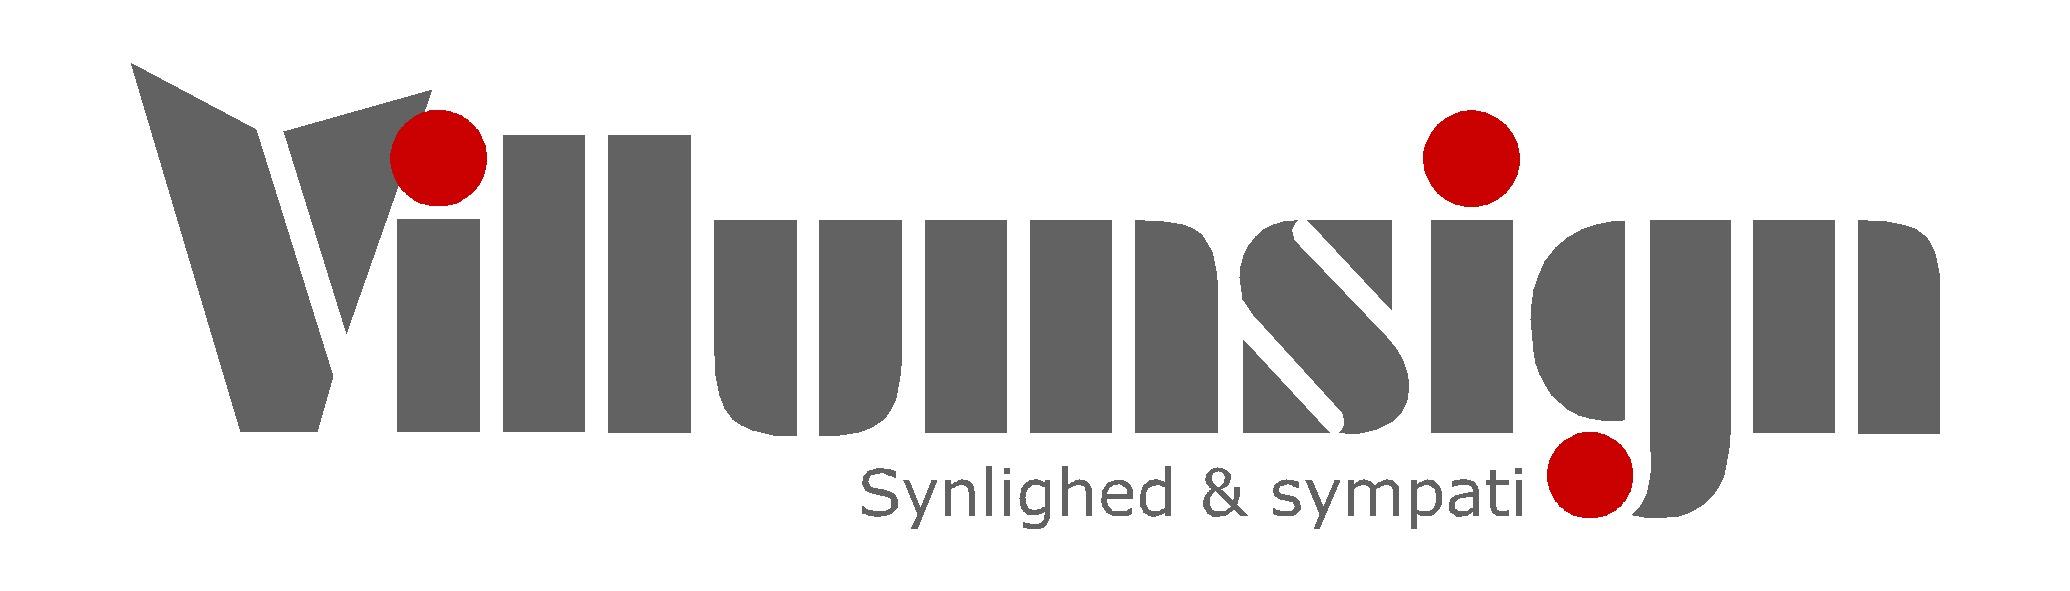 Villumsign Logo 88 X 25 Mm Med Hvid Baggrund